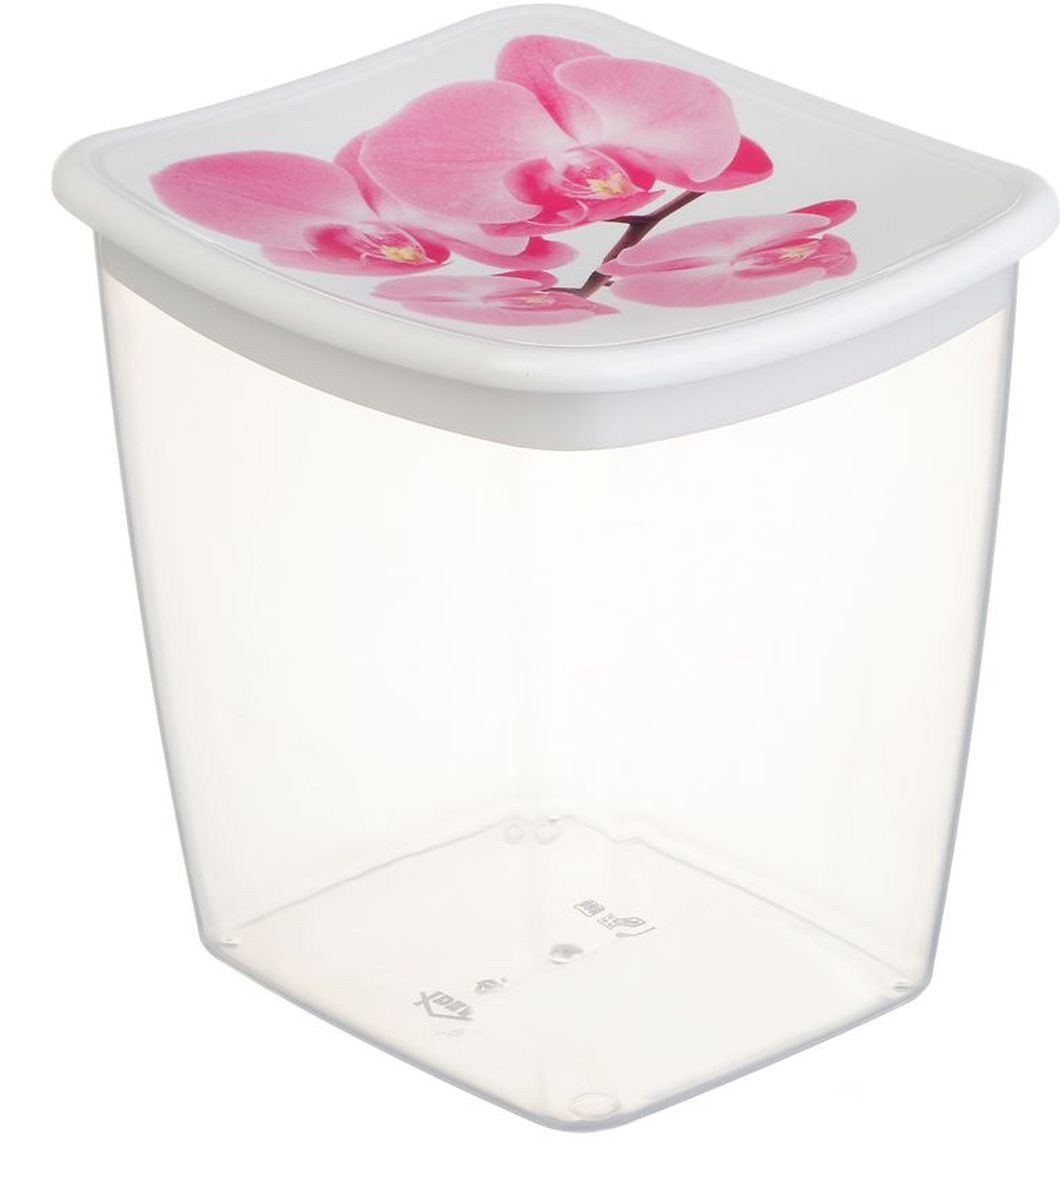 Емкость для сыпучих продуктов Idea Деко. Орхидея, 1 л21395599Емкость Idea Деко. Орхидея выполнена из пищевого полипропилена и предназначена для хранения сыпучих продуктов. Не содержит Бисфенол A. Изделие оснащено плотно закрывающейся крышкой, благодаря которой продукты дольше остаются свежими.